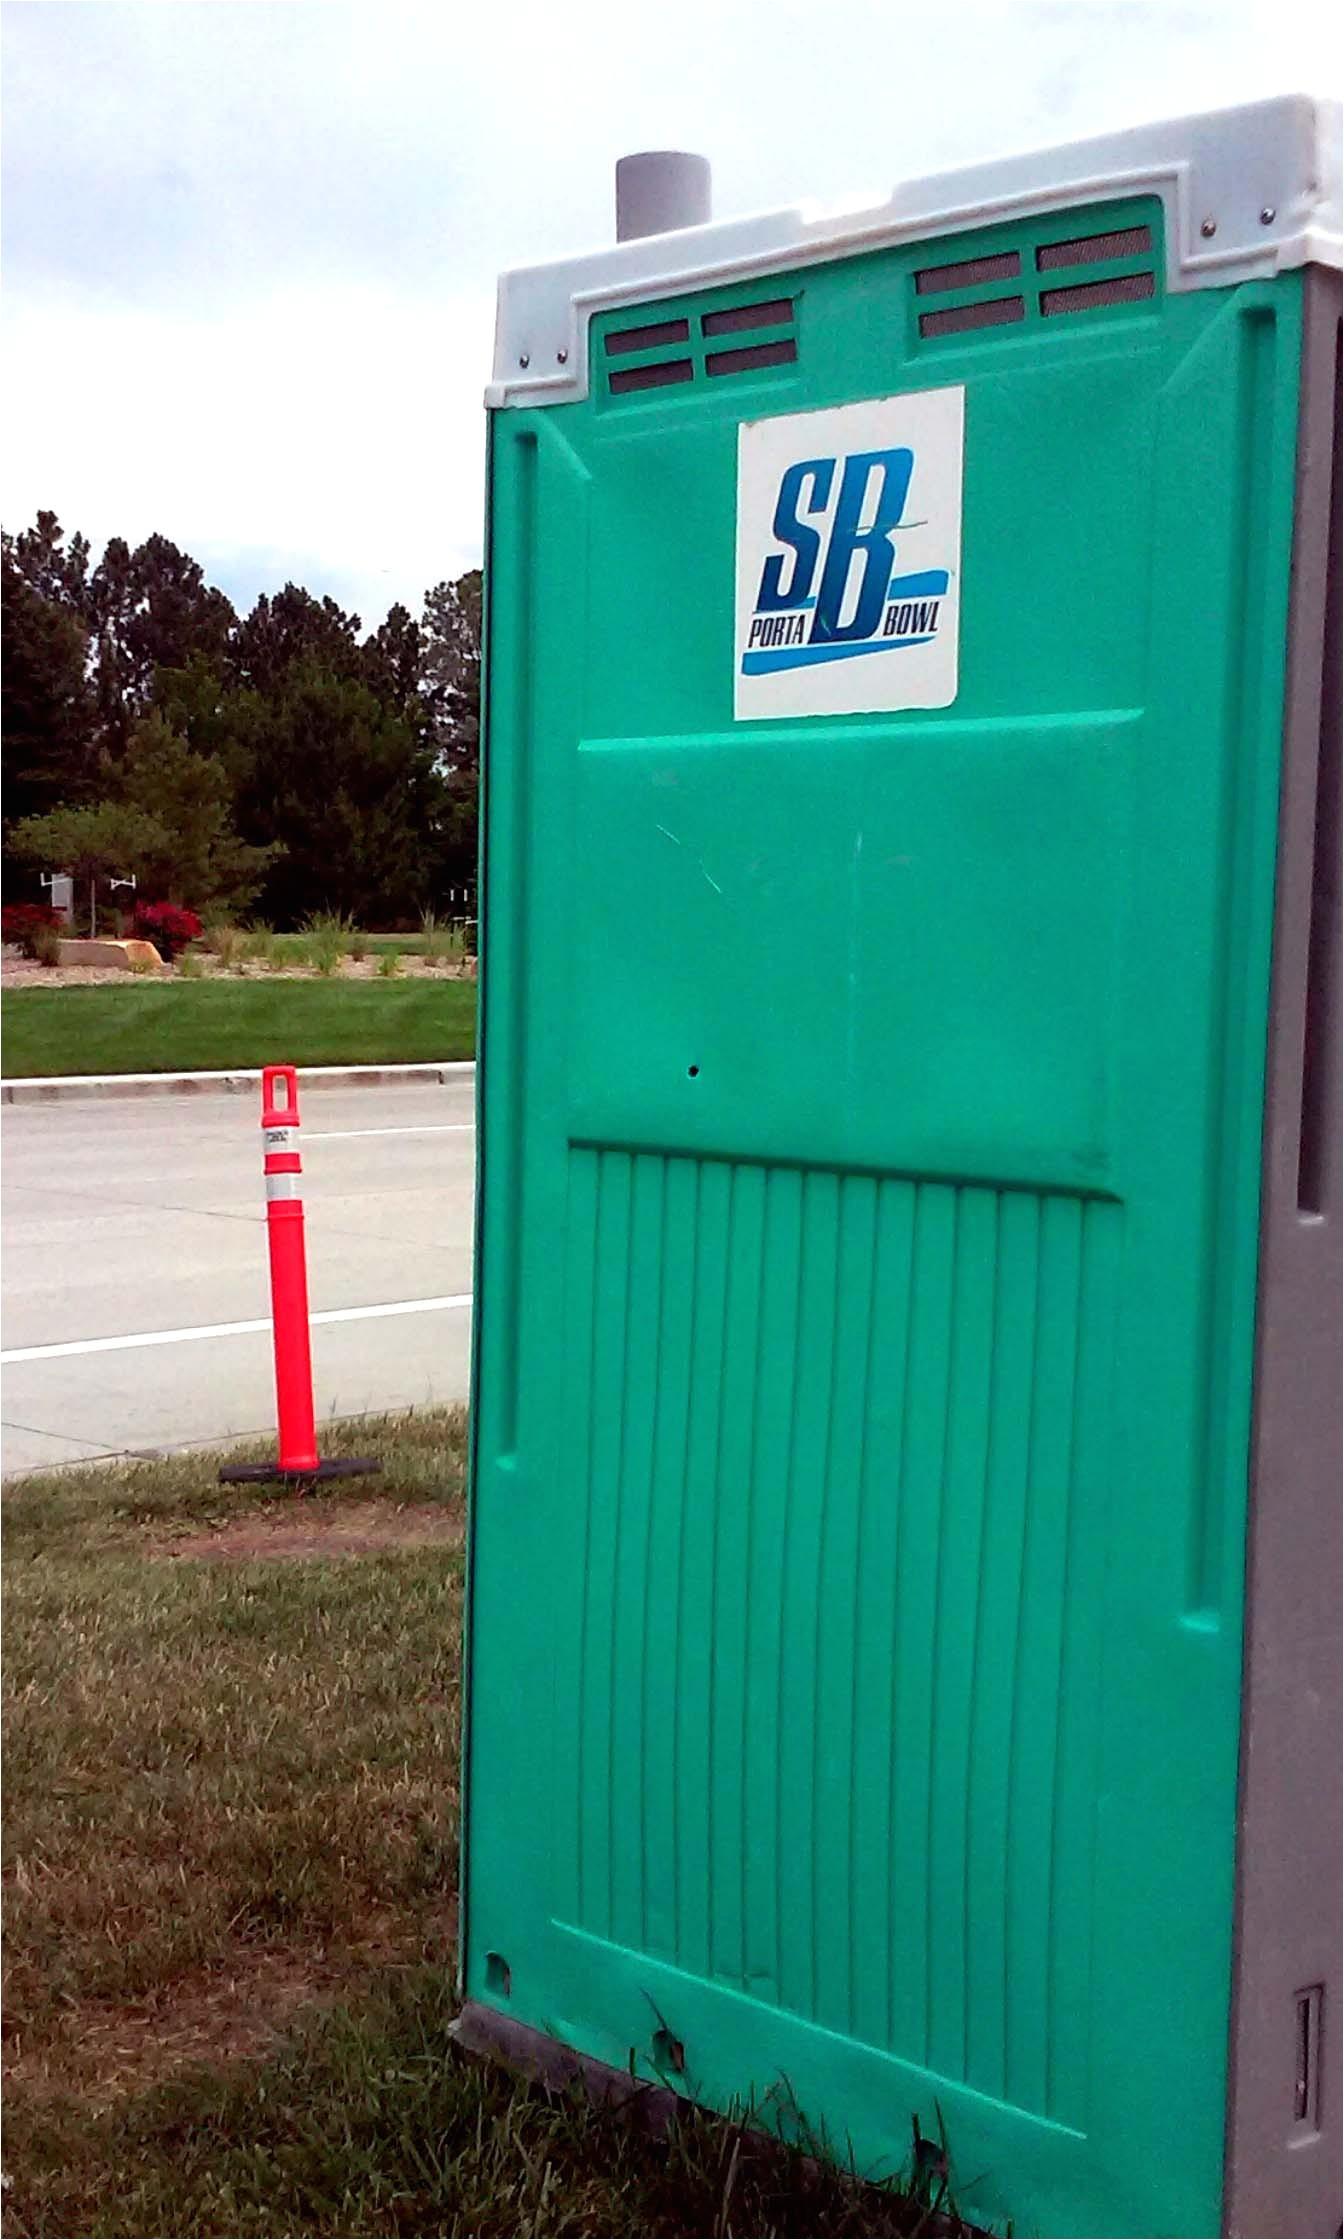 Porta Potty Rental Denver Portable Restroom Trailers for Rent Bring Comfort and